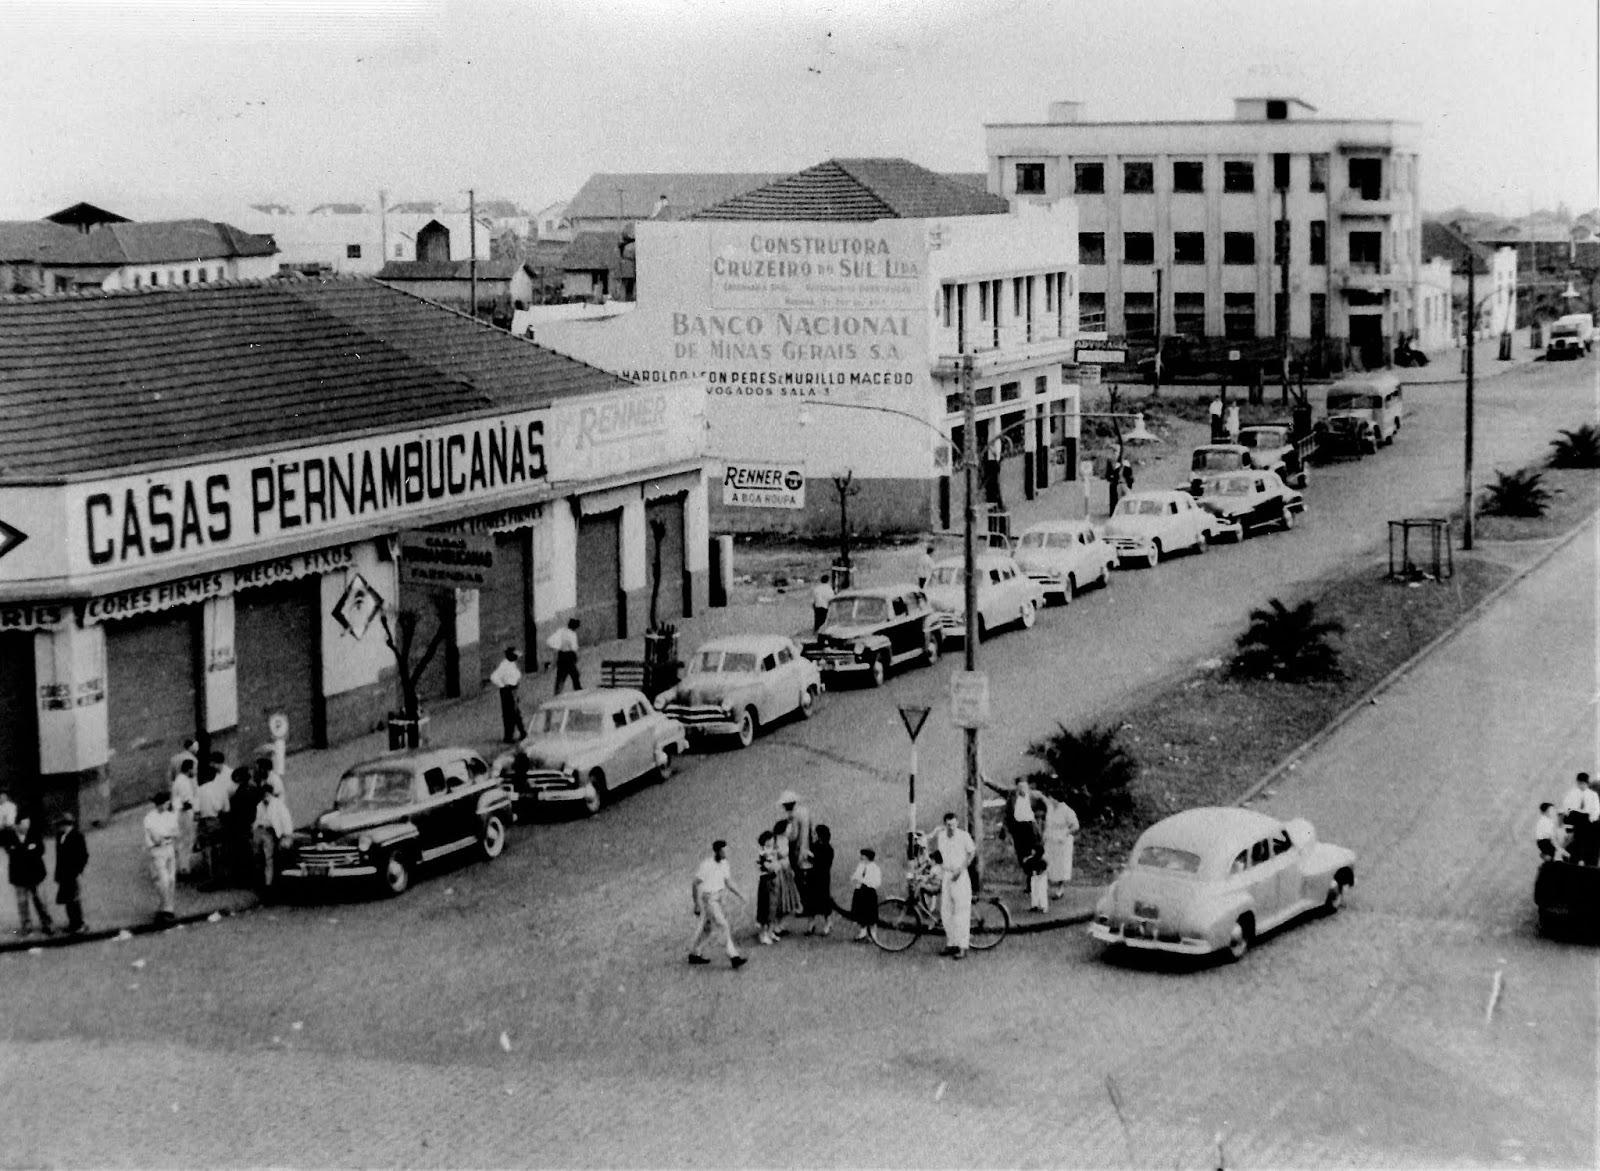 Avenida Duque de Caxias - Final dos anos 1950